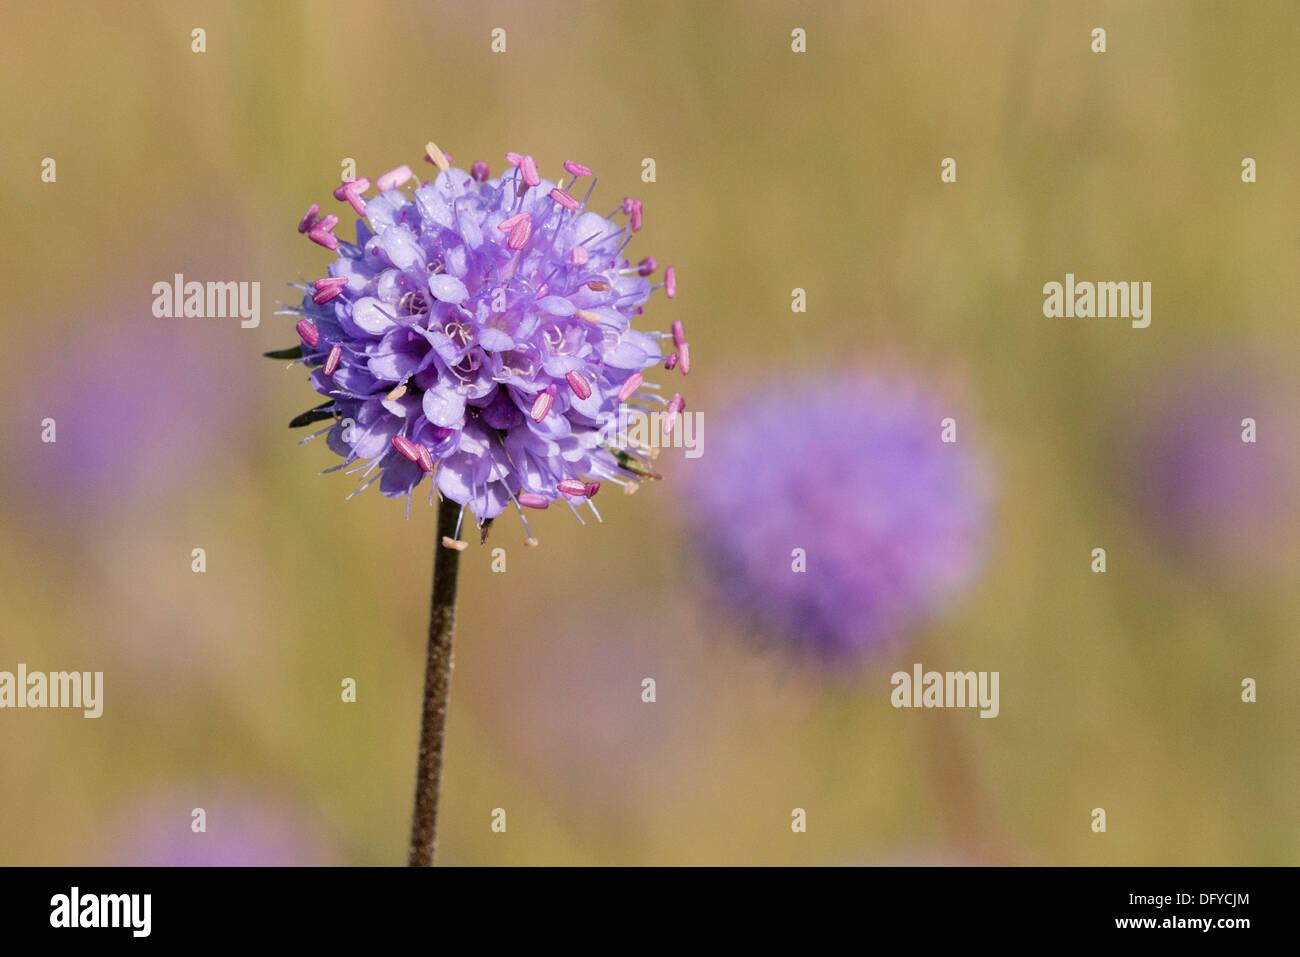 A Devil's-bit Scabious flower - Stock Image